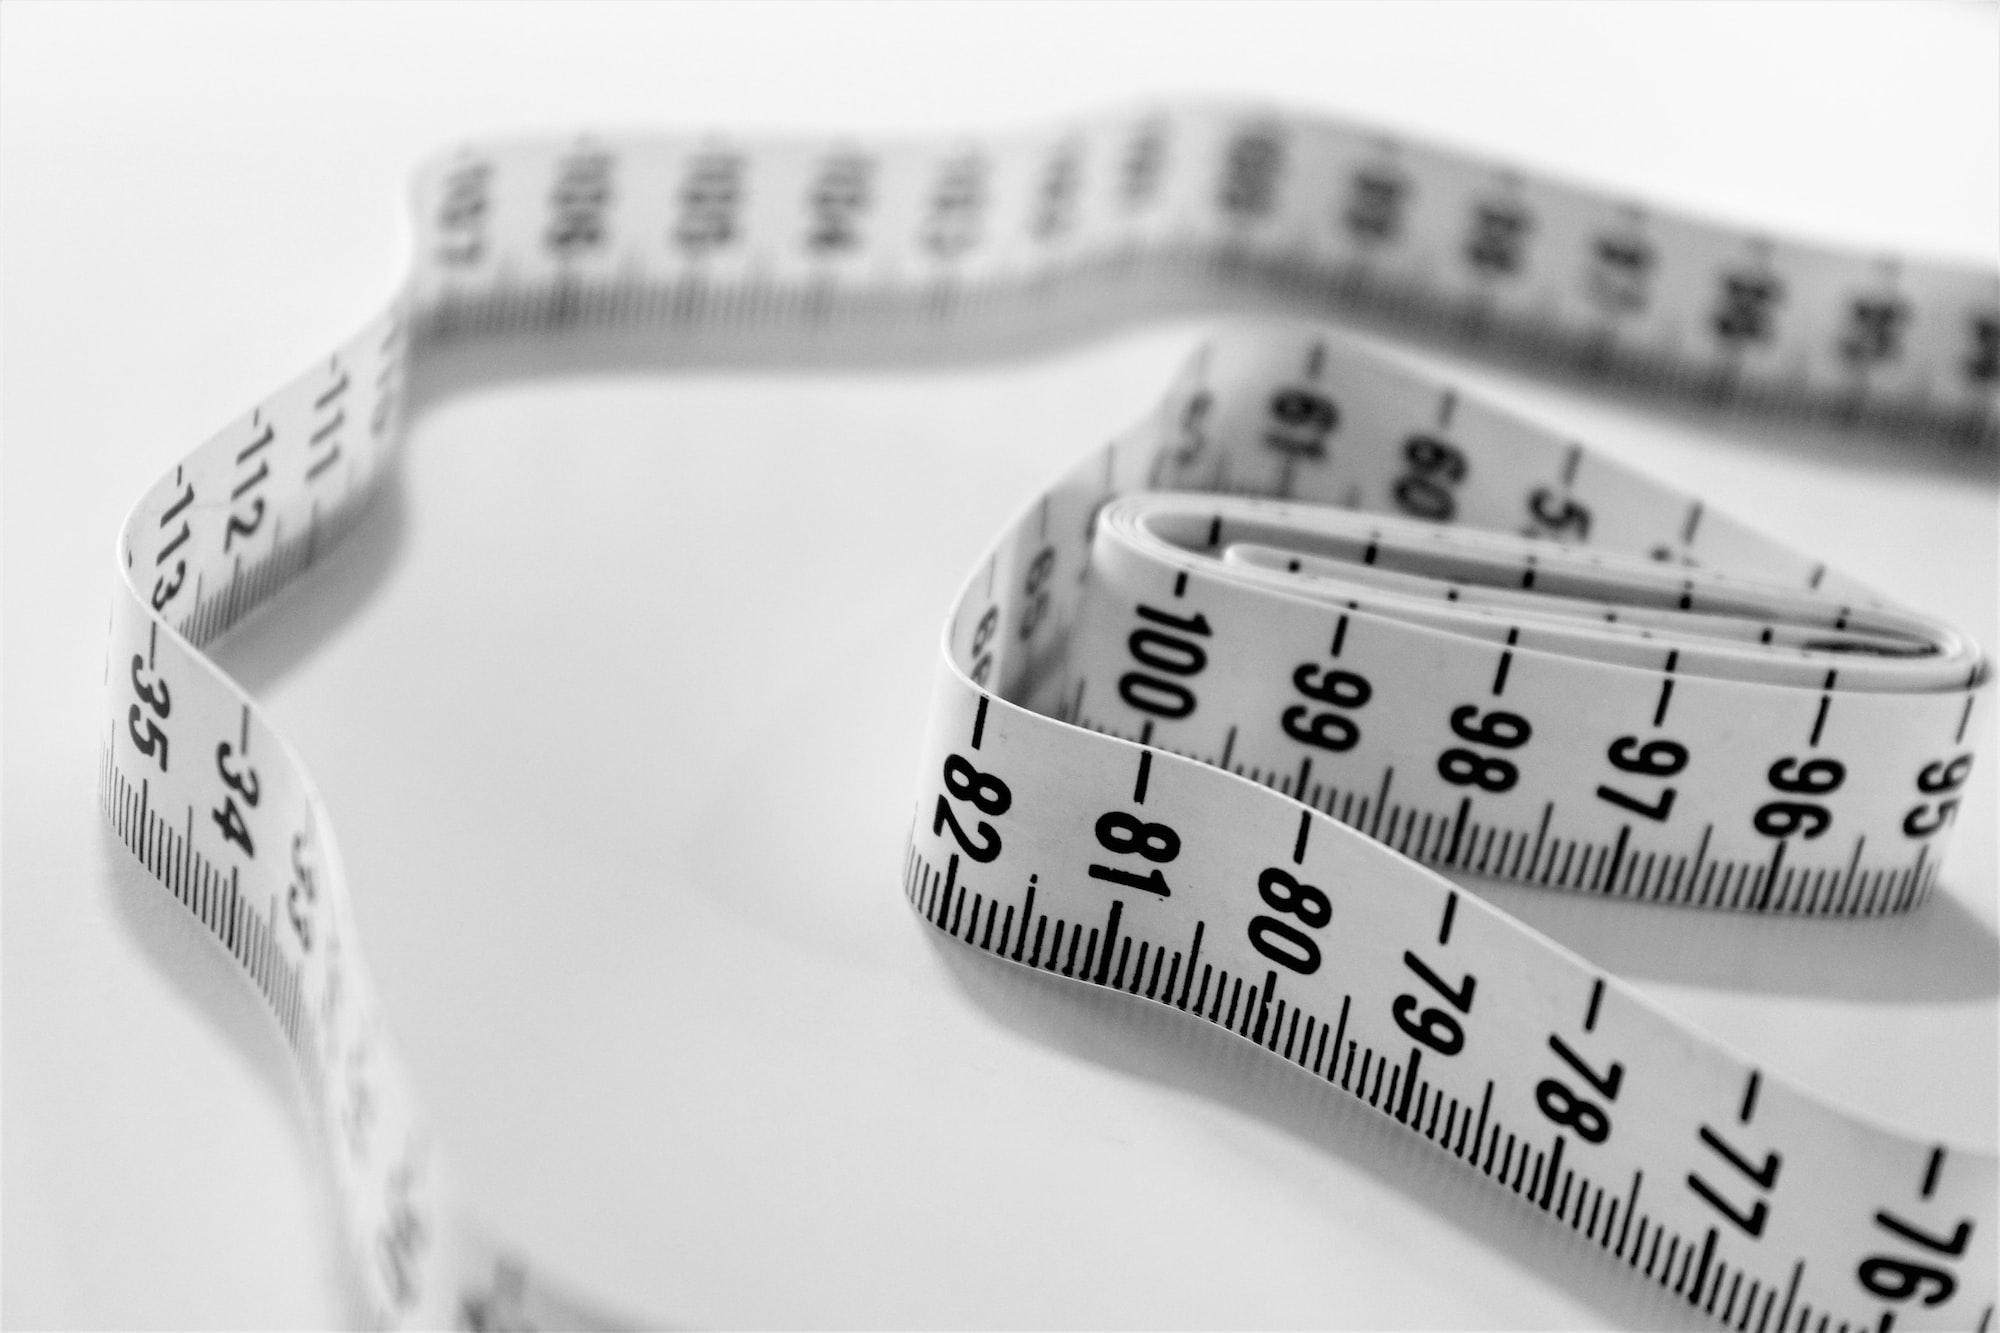 Kilo Vermek için: 5 Haftada 5 Kilo Nasıl Verilir?